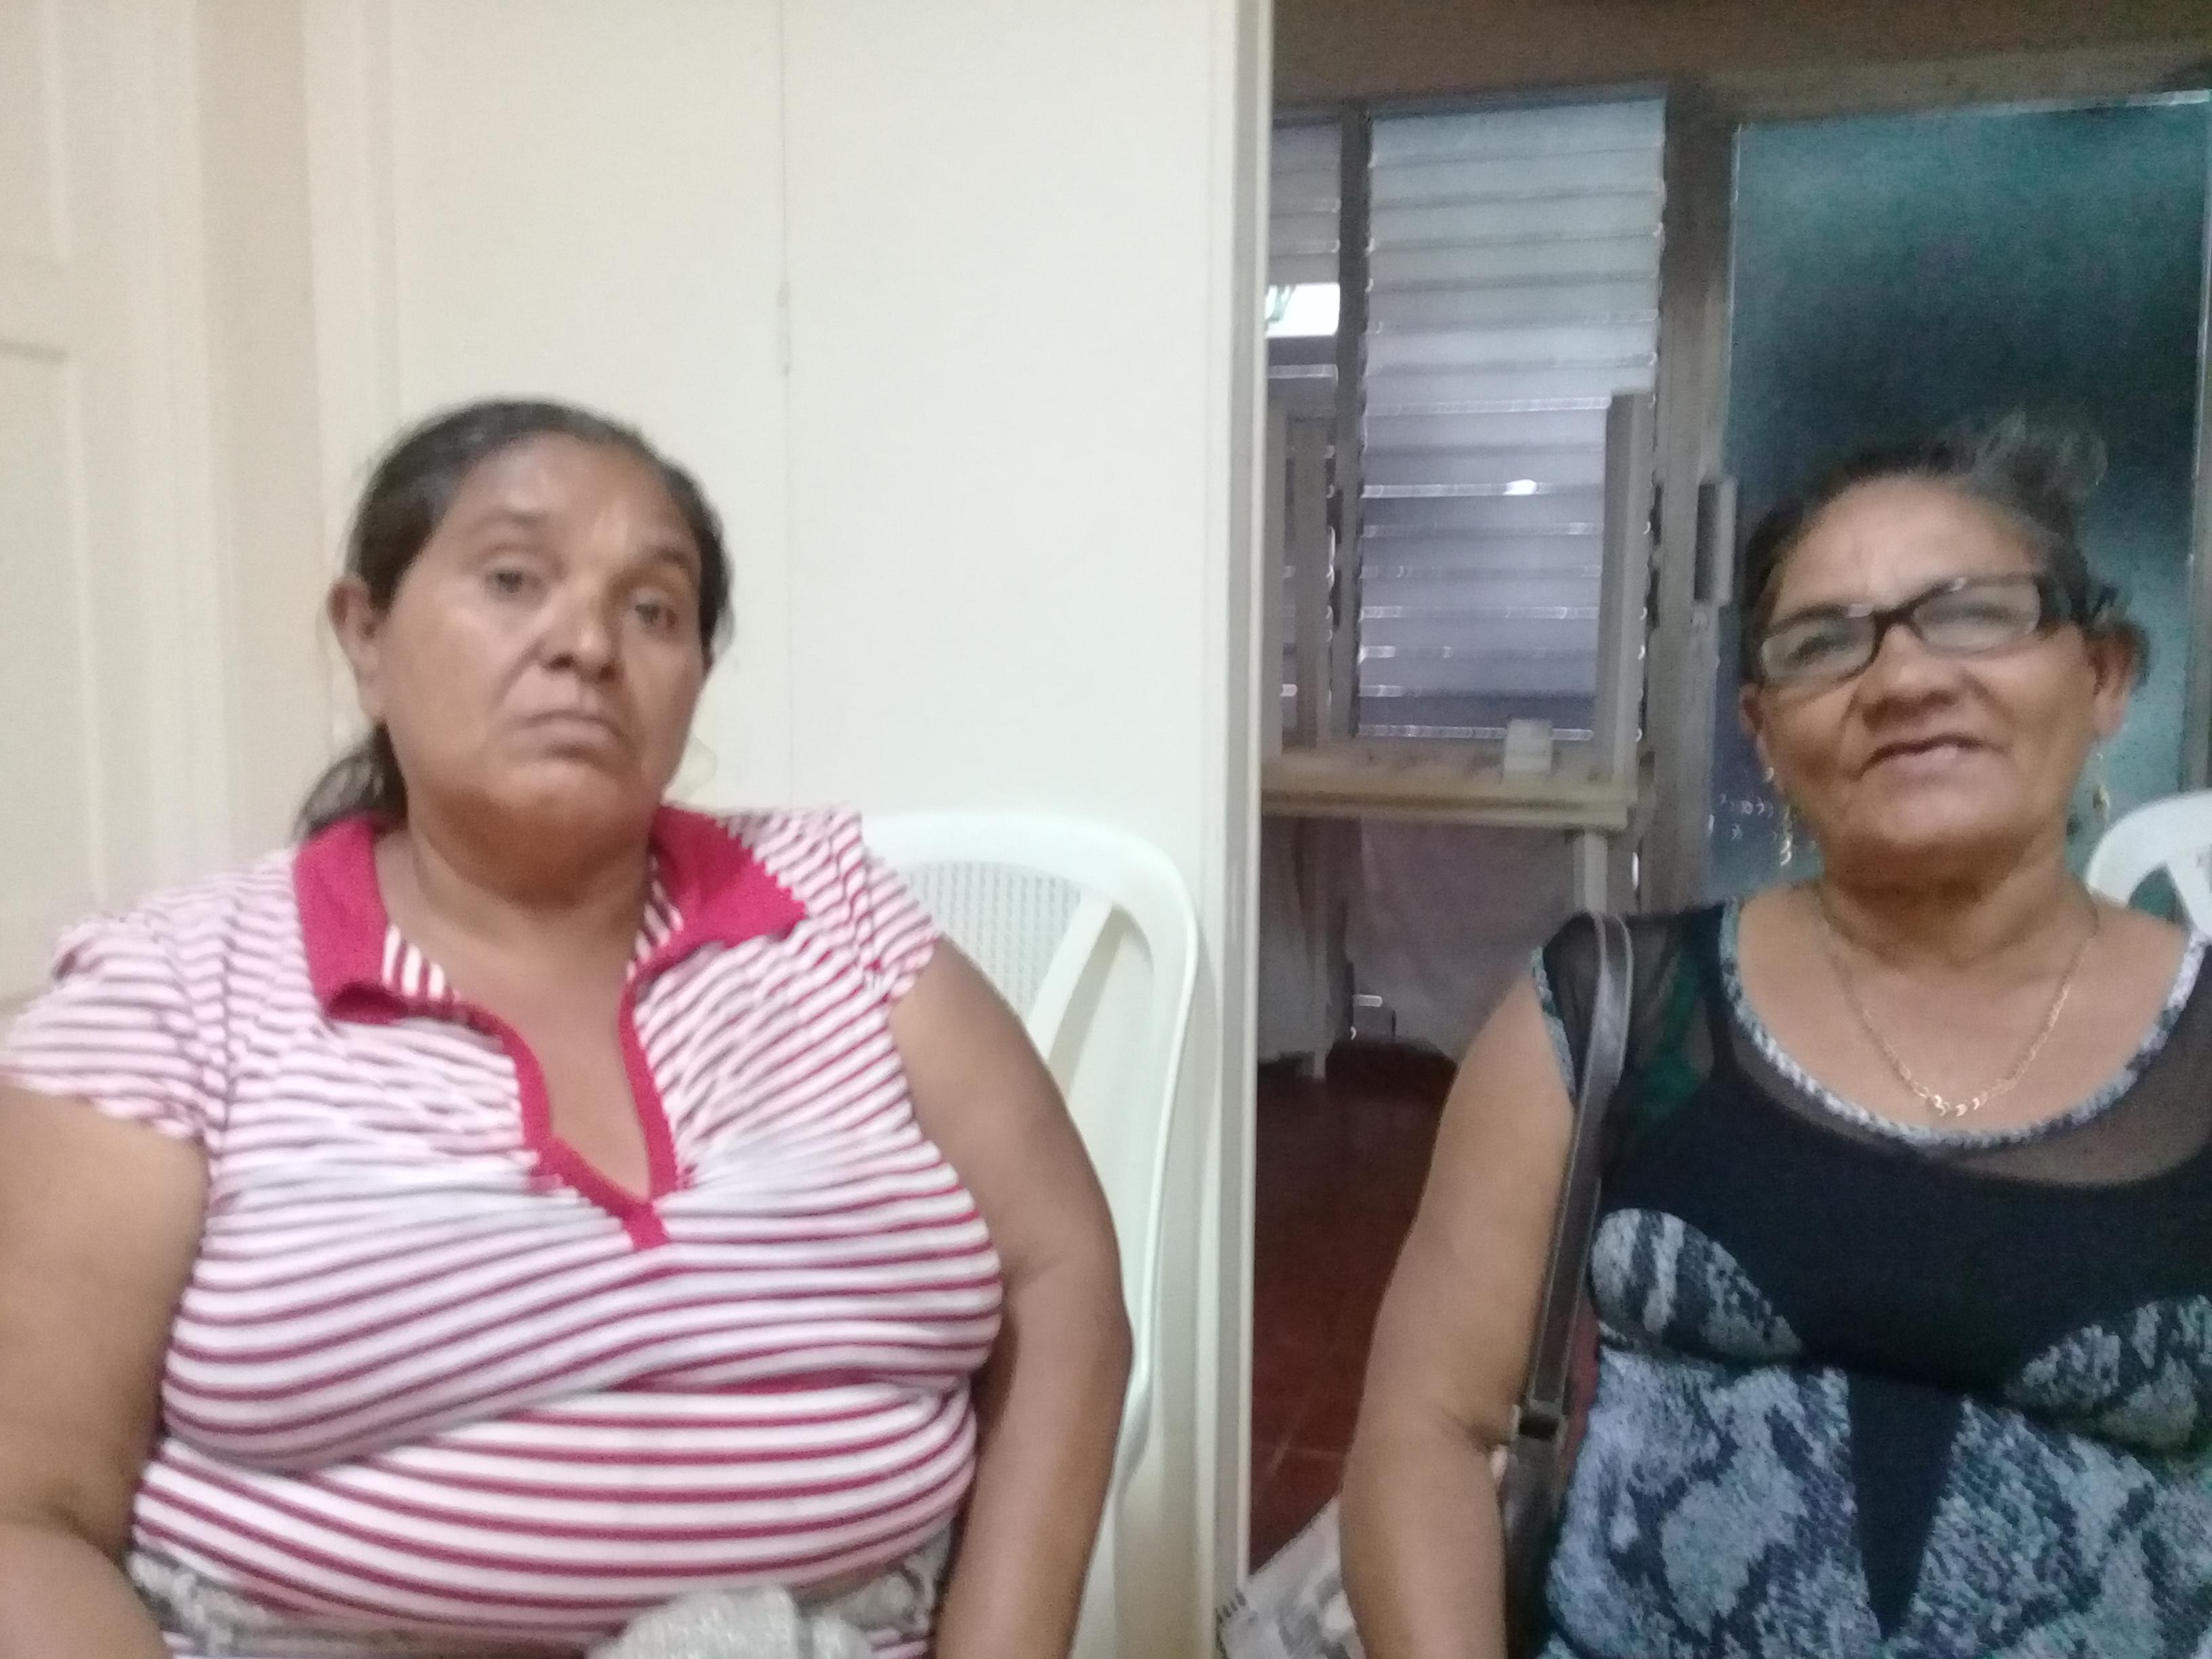 María de la Concepción Juárez y la viuda Lucia Acevedo. Fotografía: A. Mogollón/ Artículo66